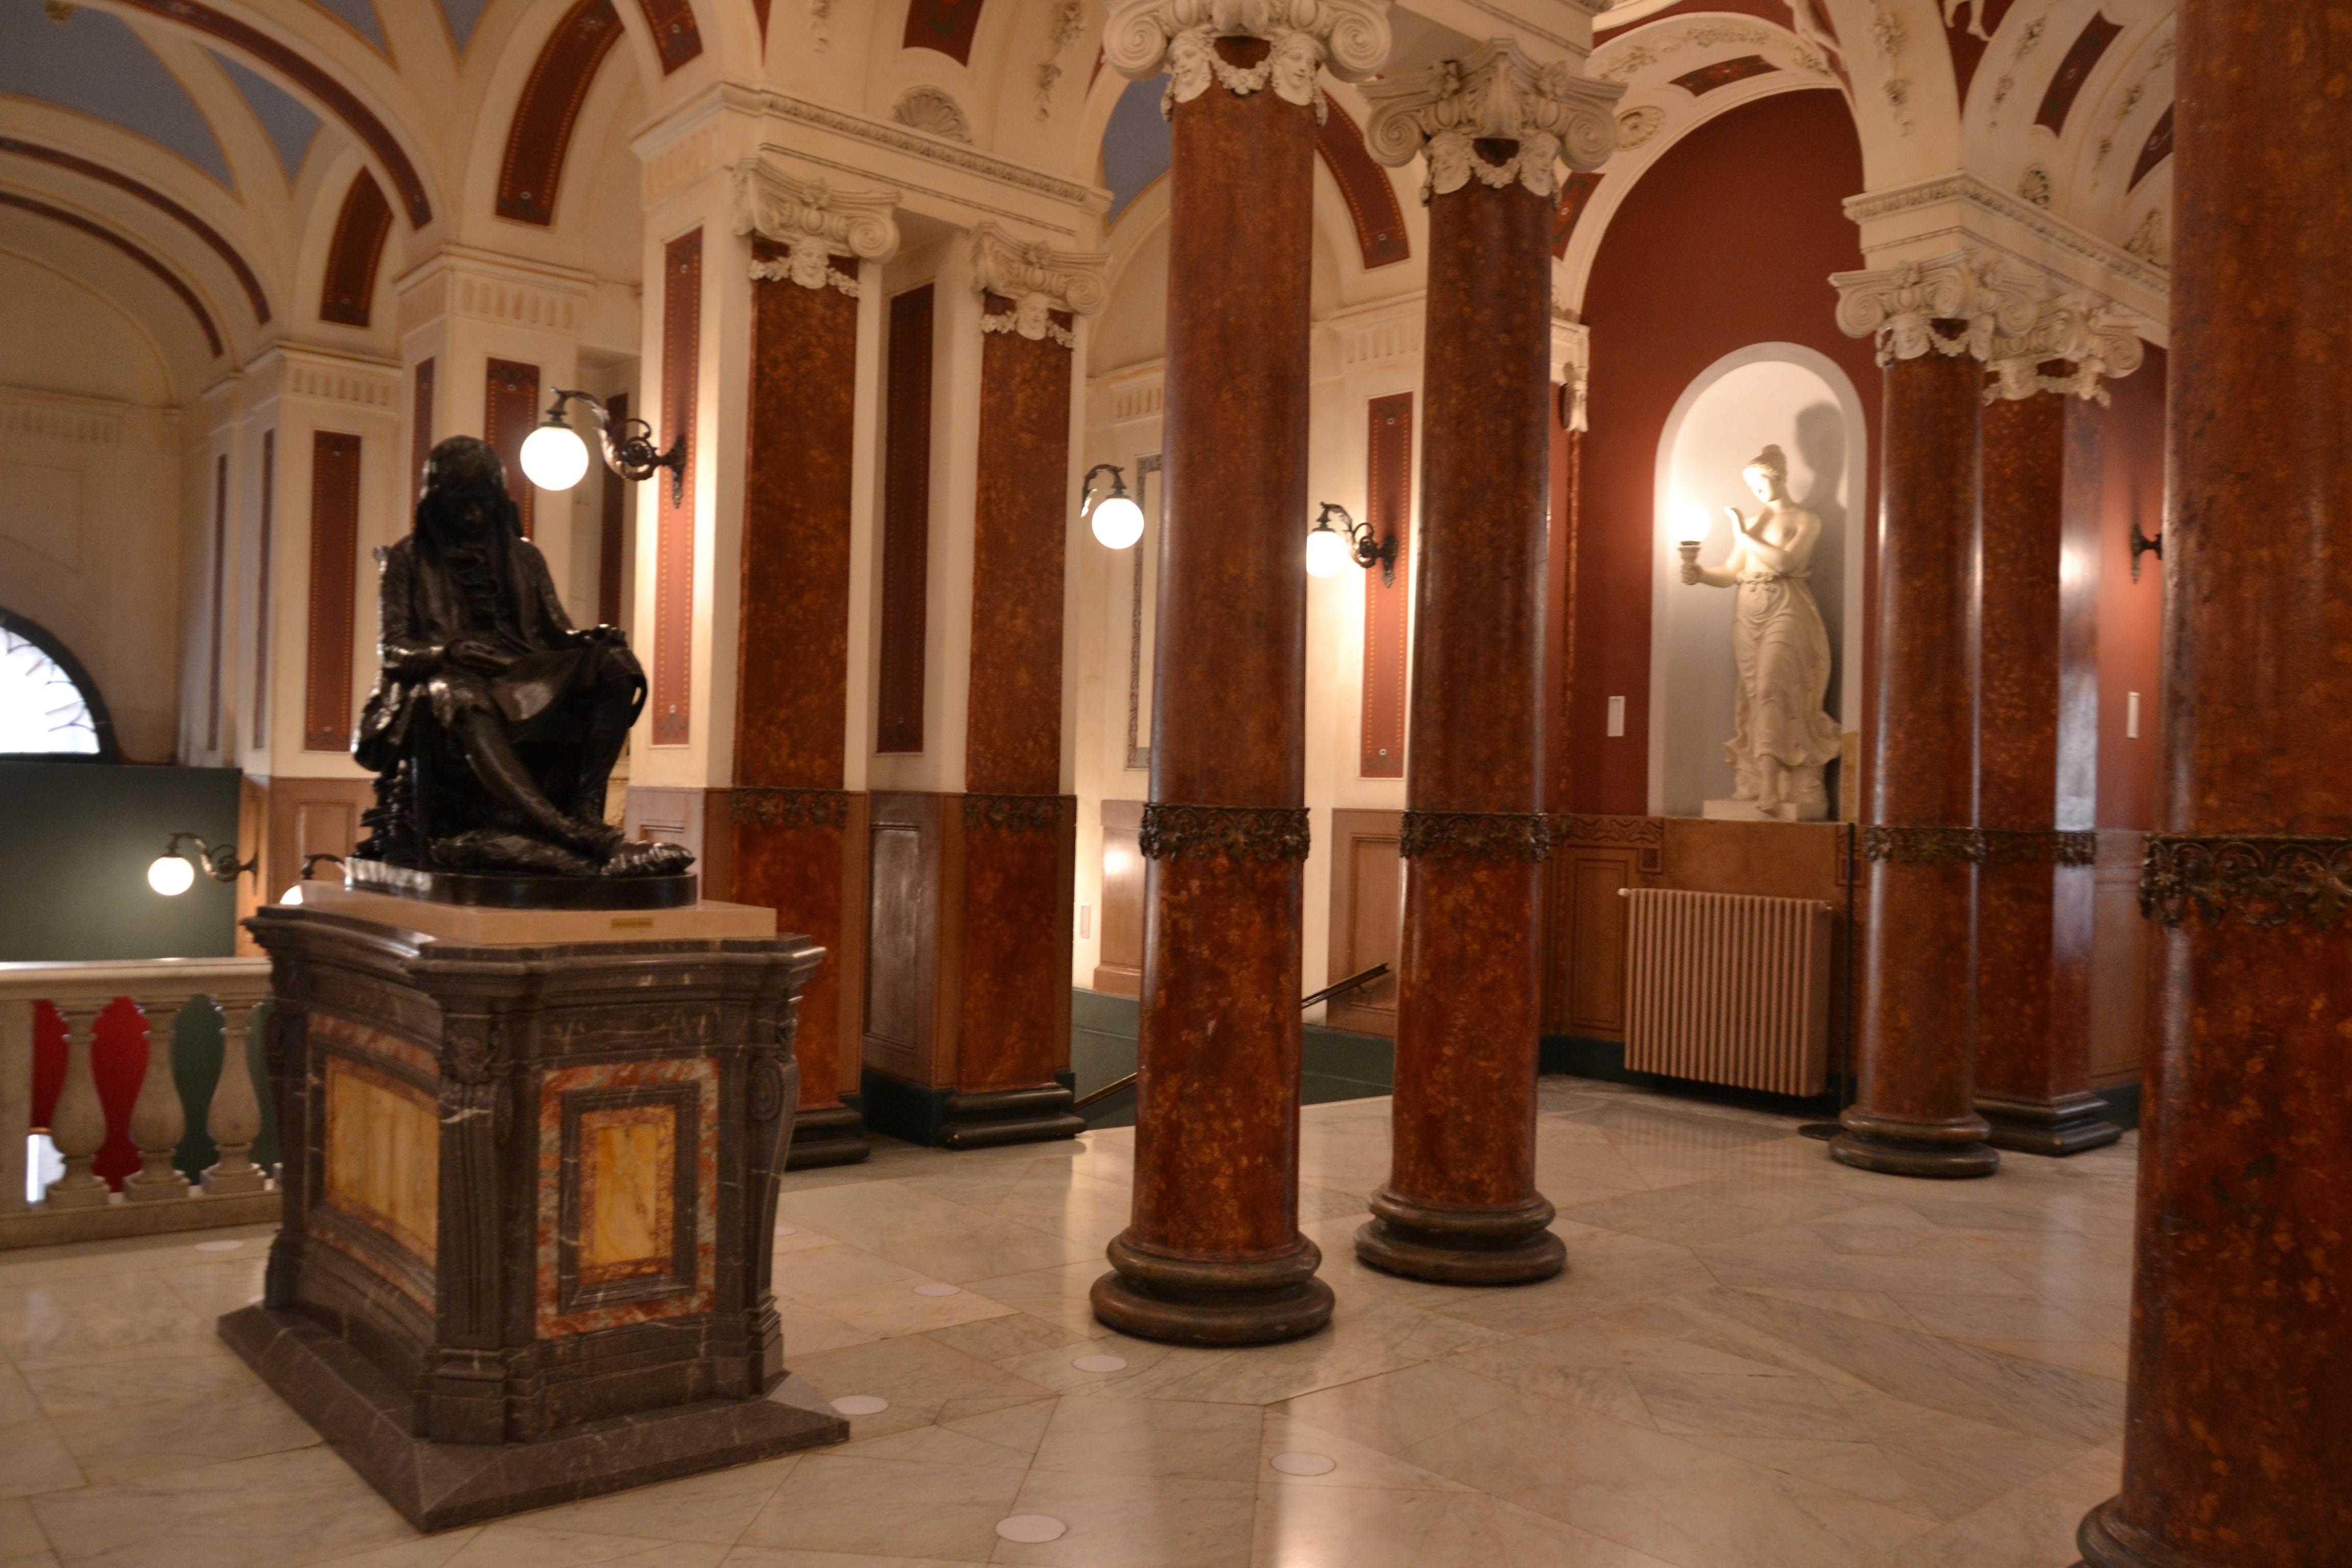 Teatro municipale giuseppe verdi (salerno)   wikiwand